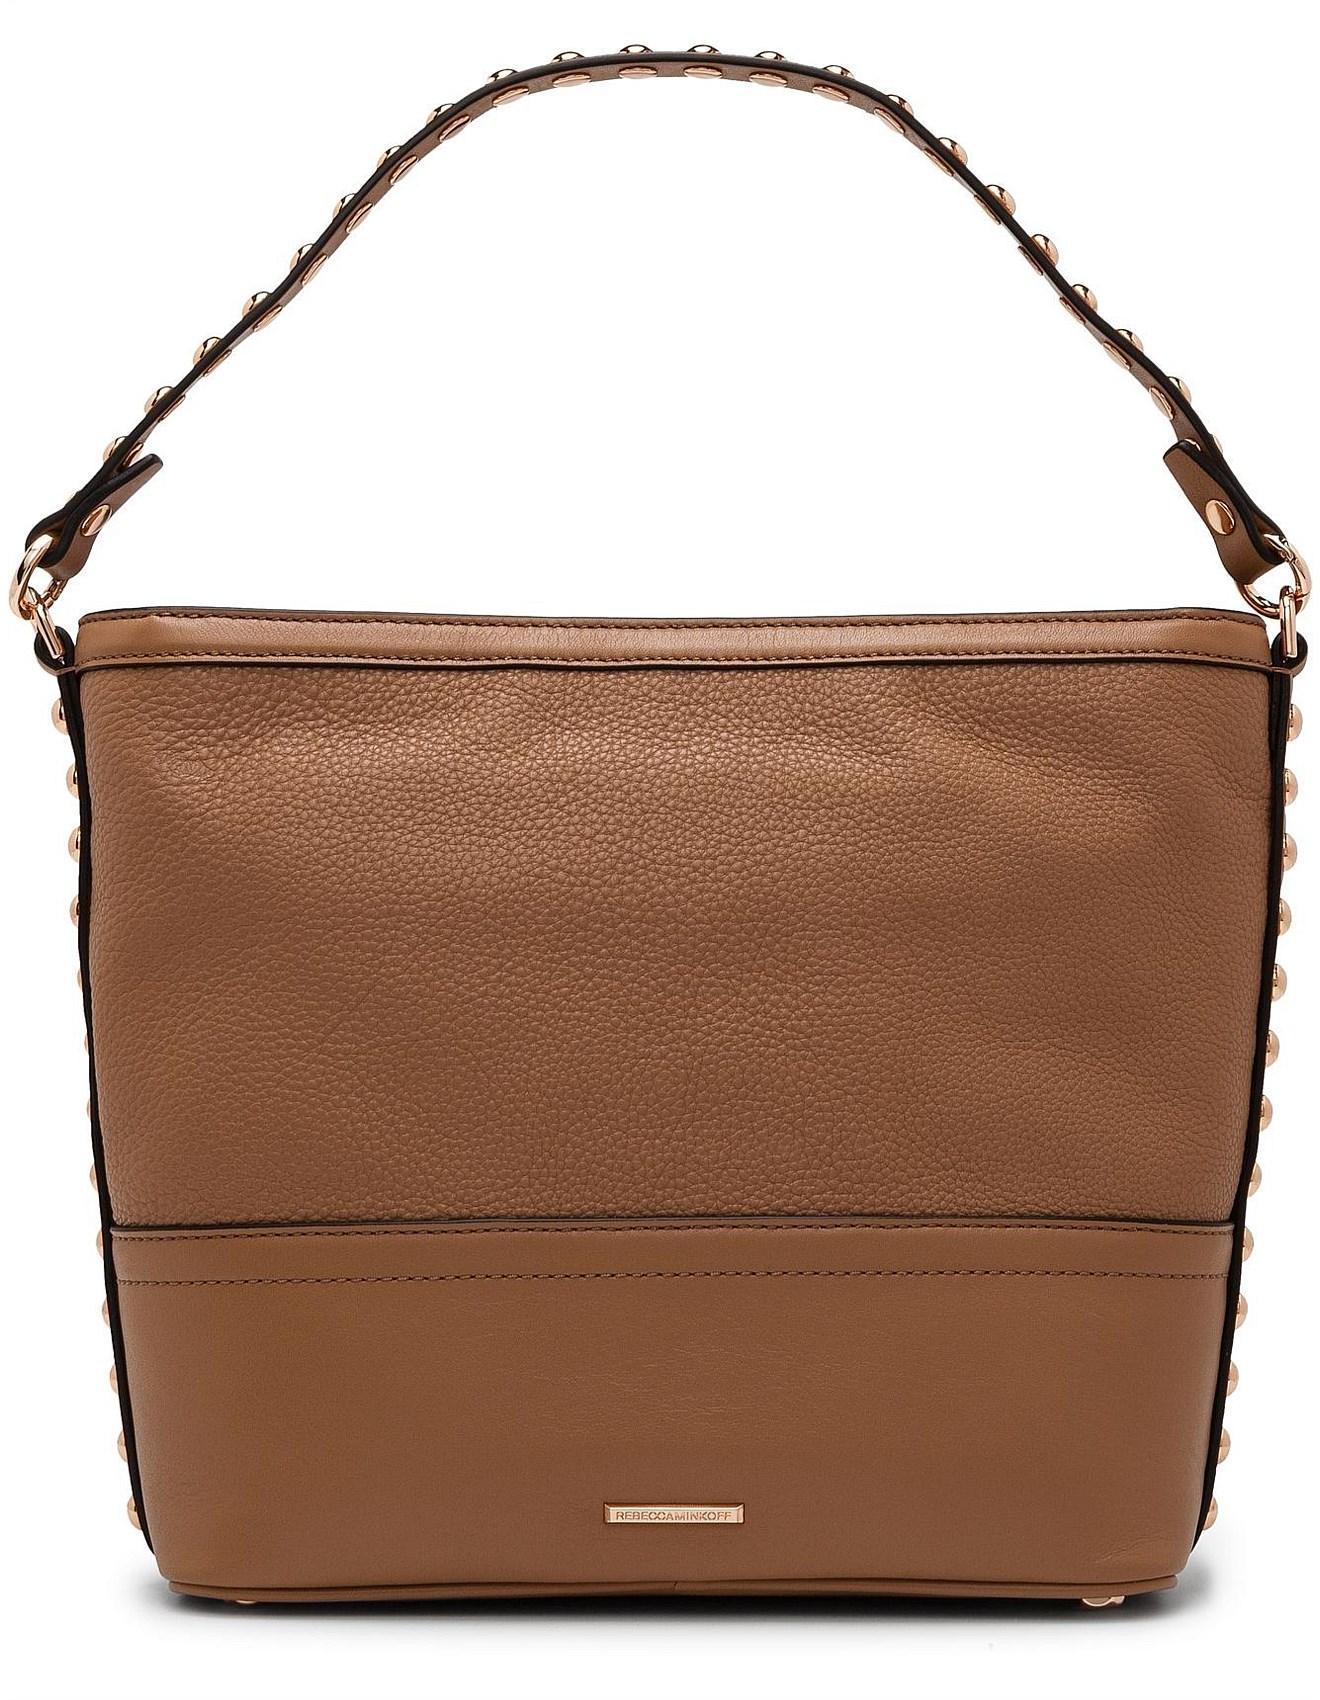 Blythe Small Hobo Bag